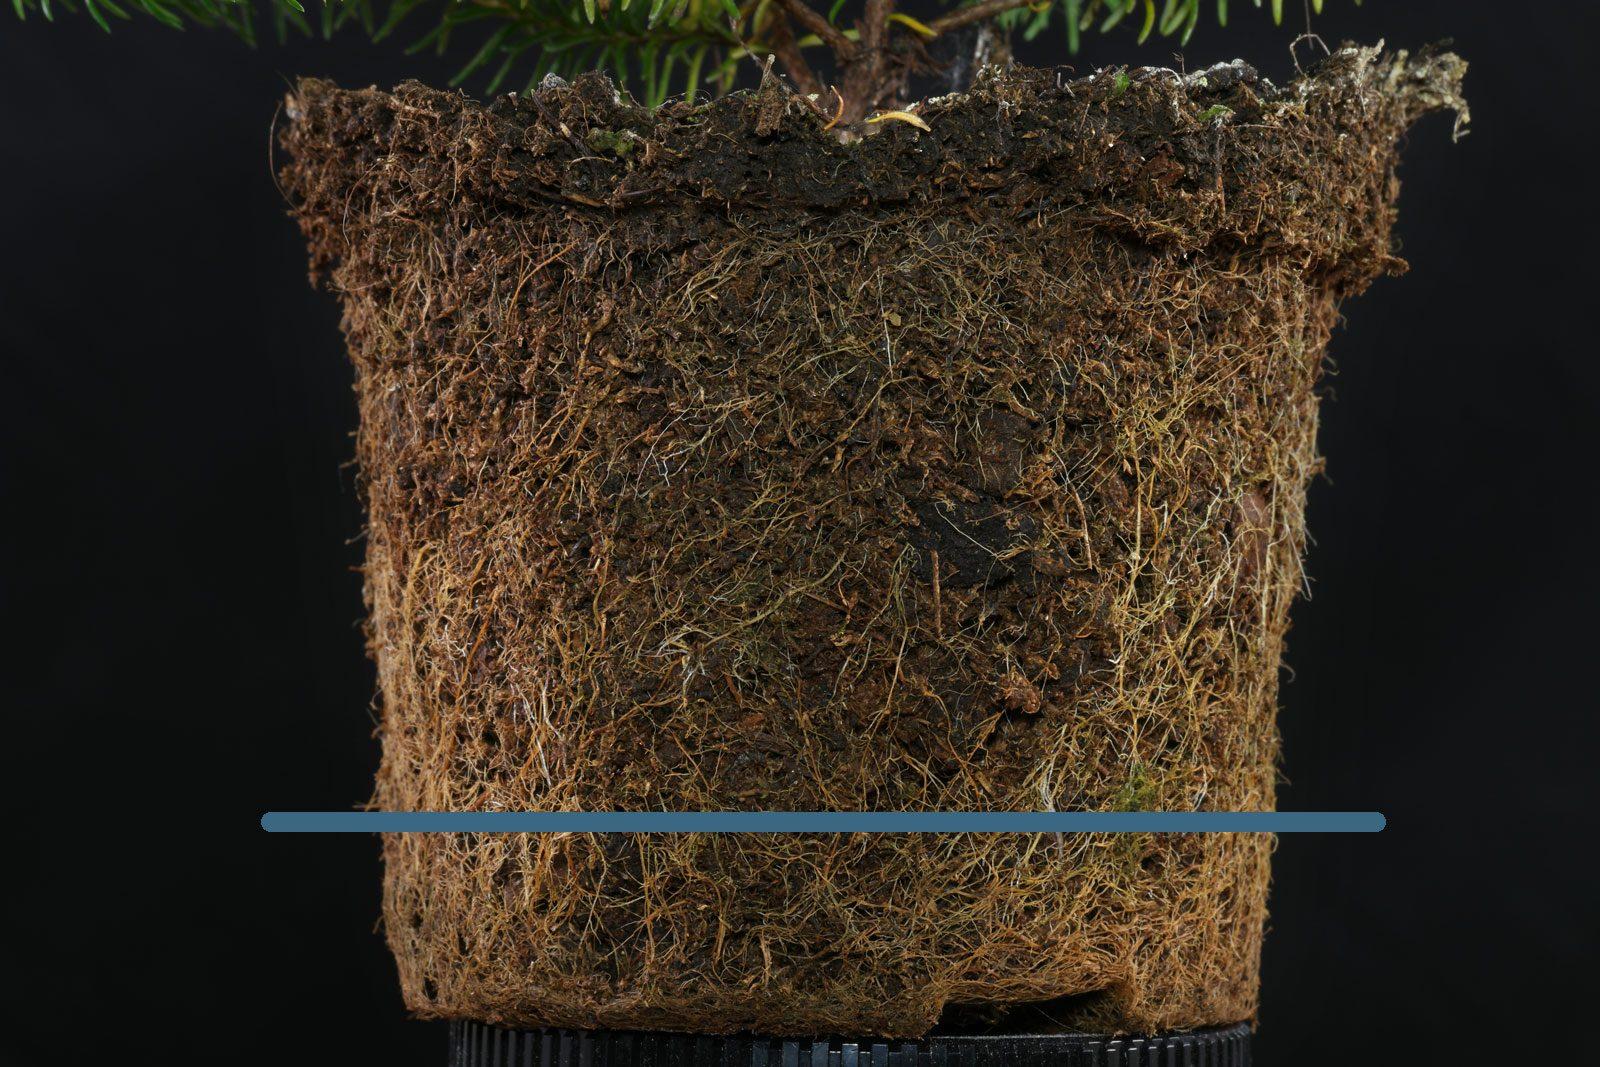 Erica ventricosa Wurzeln